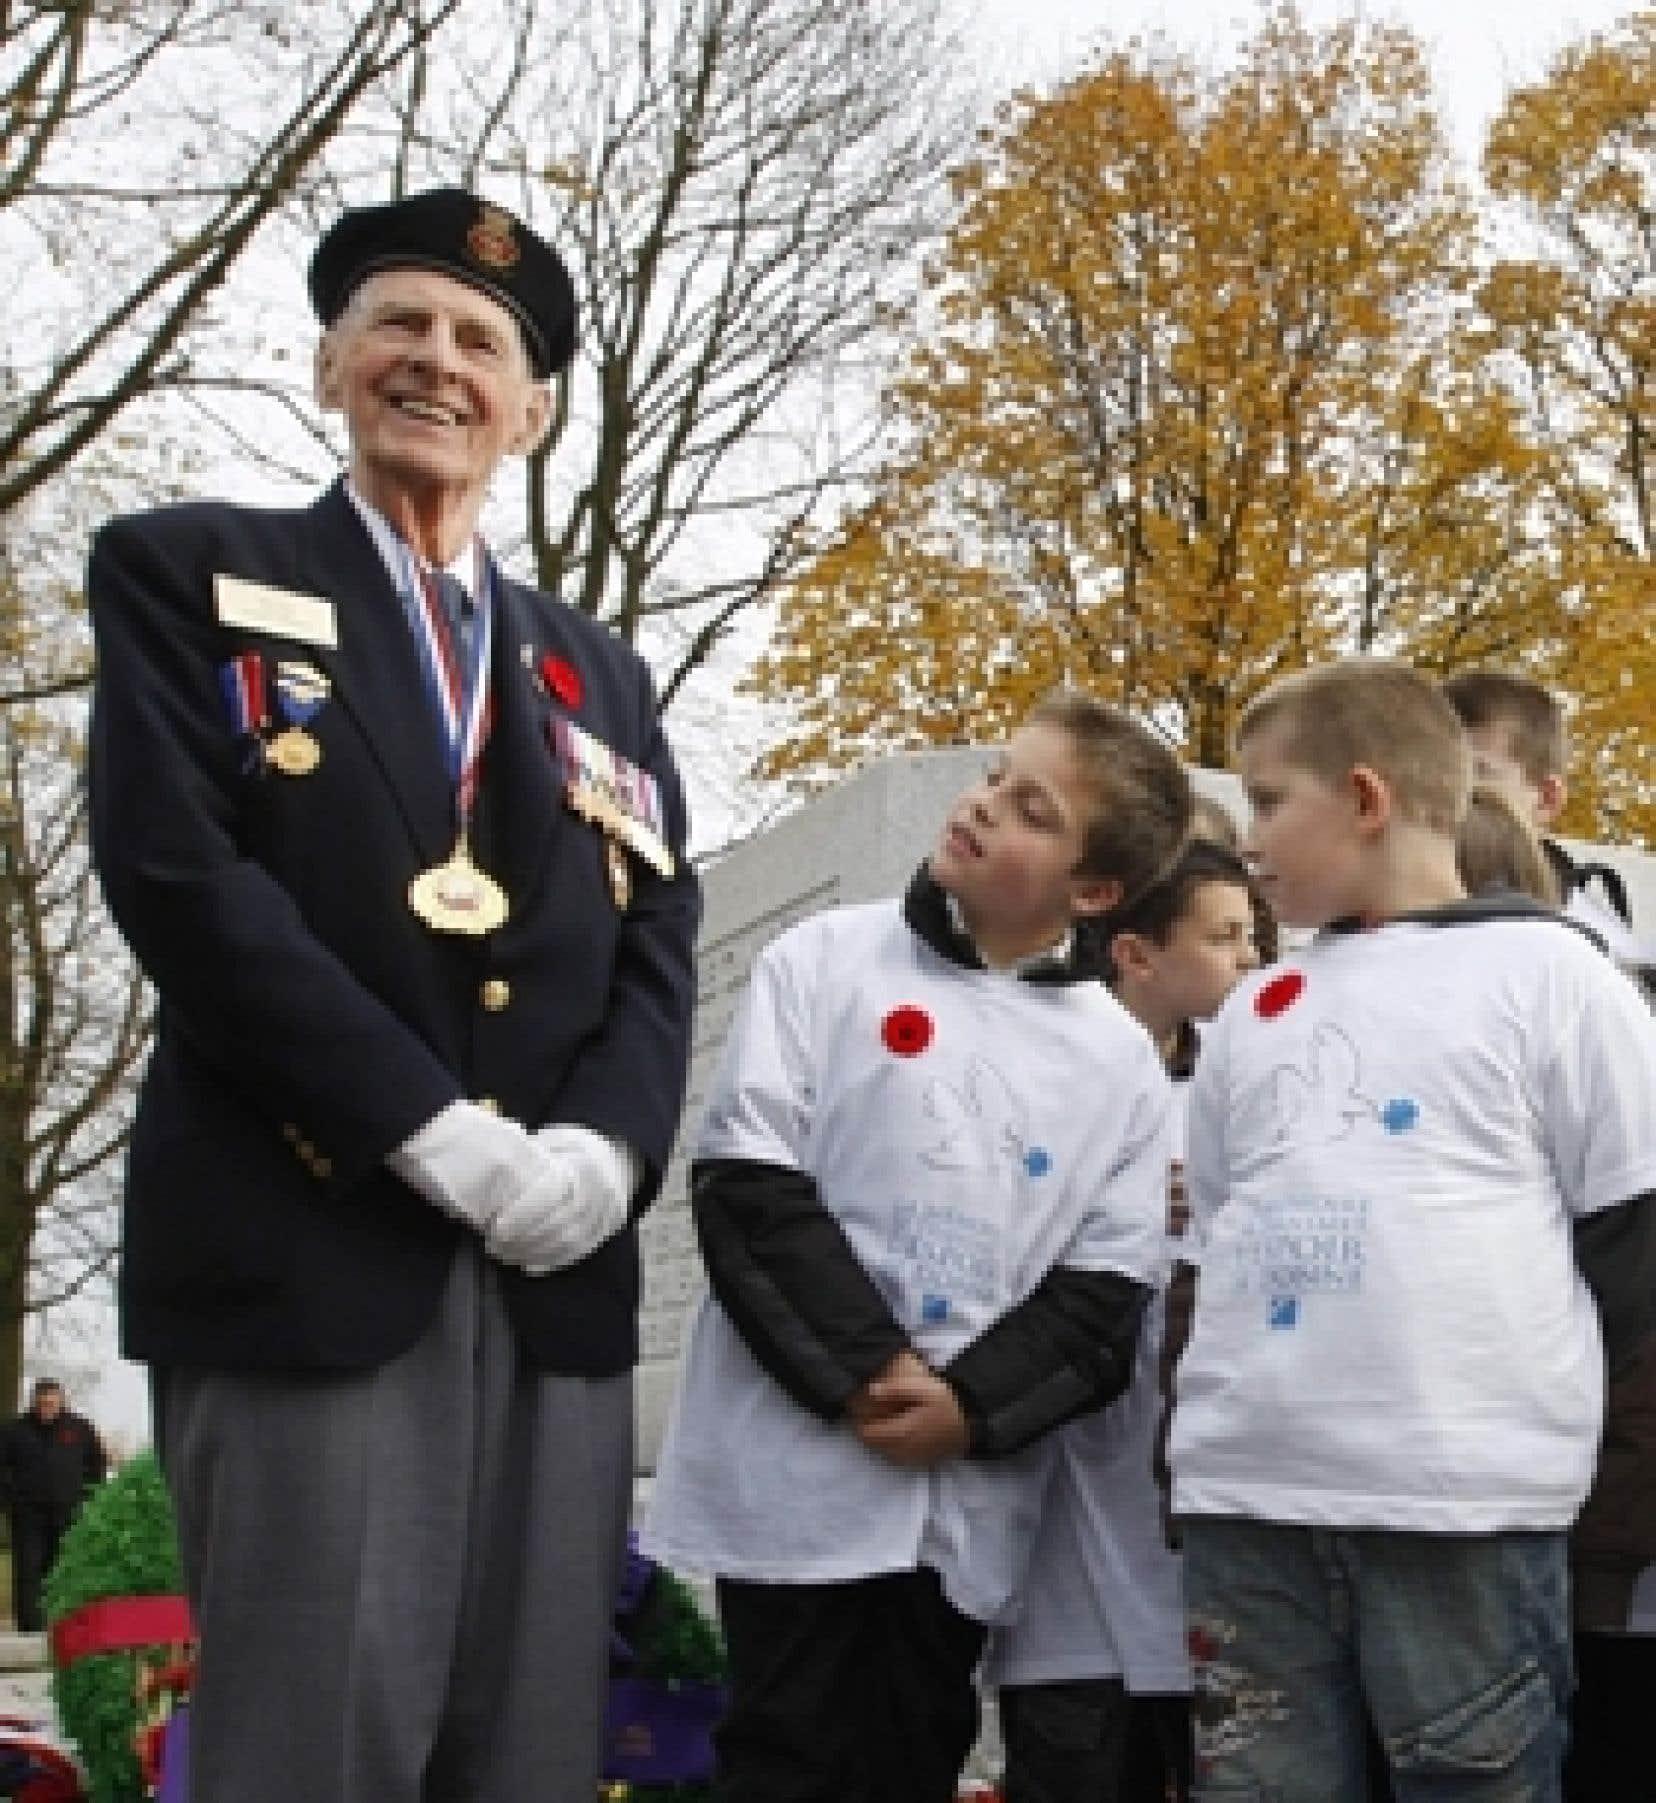 Des enfants regardent les médailles d'un vétéran canadien, Phil Etter, à l'occasion d'une cérémonie qui se déroulait à Le Quesnel, en France, hier.